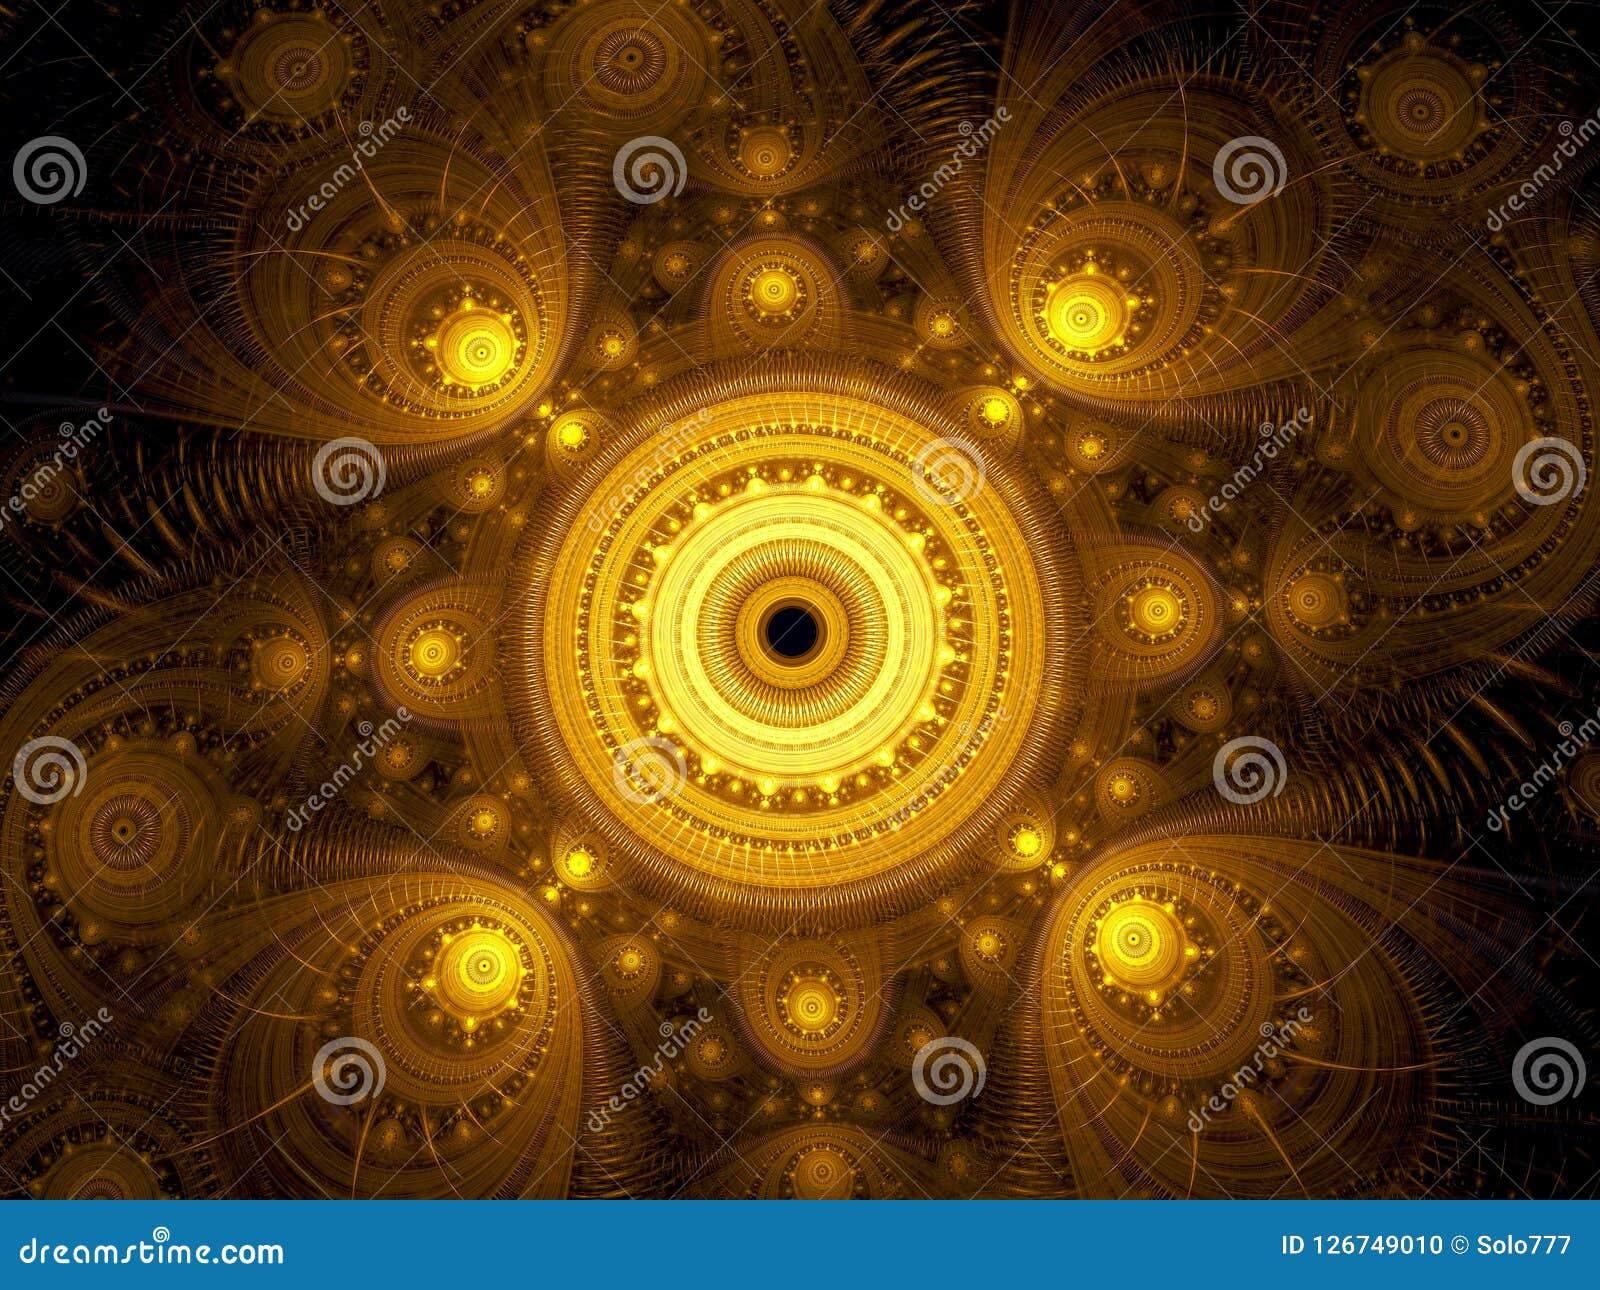 Fractal mandala - abstract esoteric digitally generated image